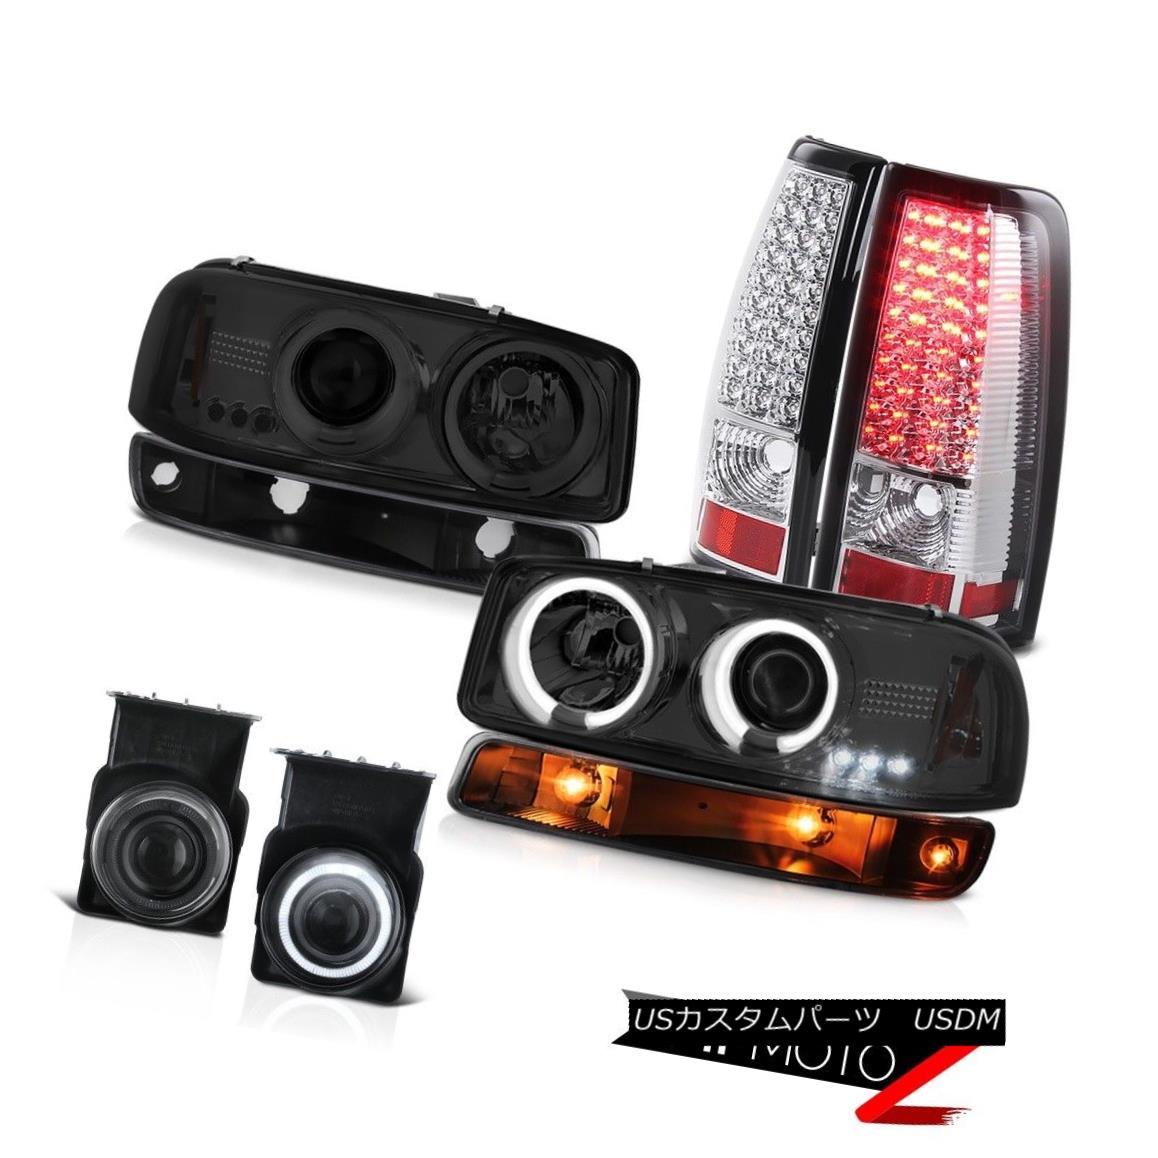 テールライト 03-06 GMC Sierra Smoked fog lamps tail lights black bumper light ccfl headlamps 03-06 GMC Sierraスモークフォグランプテールライトブラックバンパーライトccflヘッドランプ